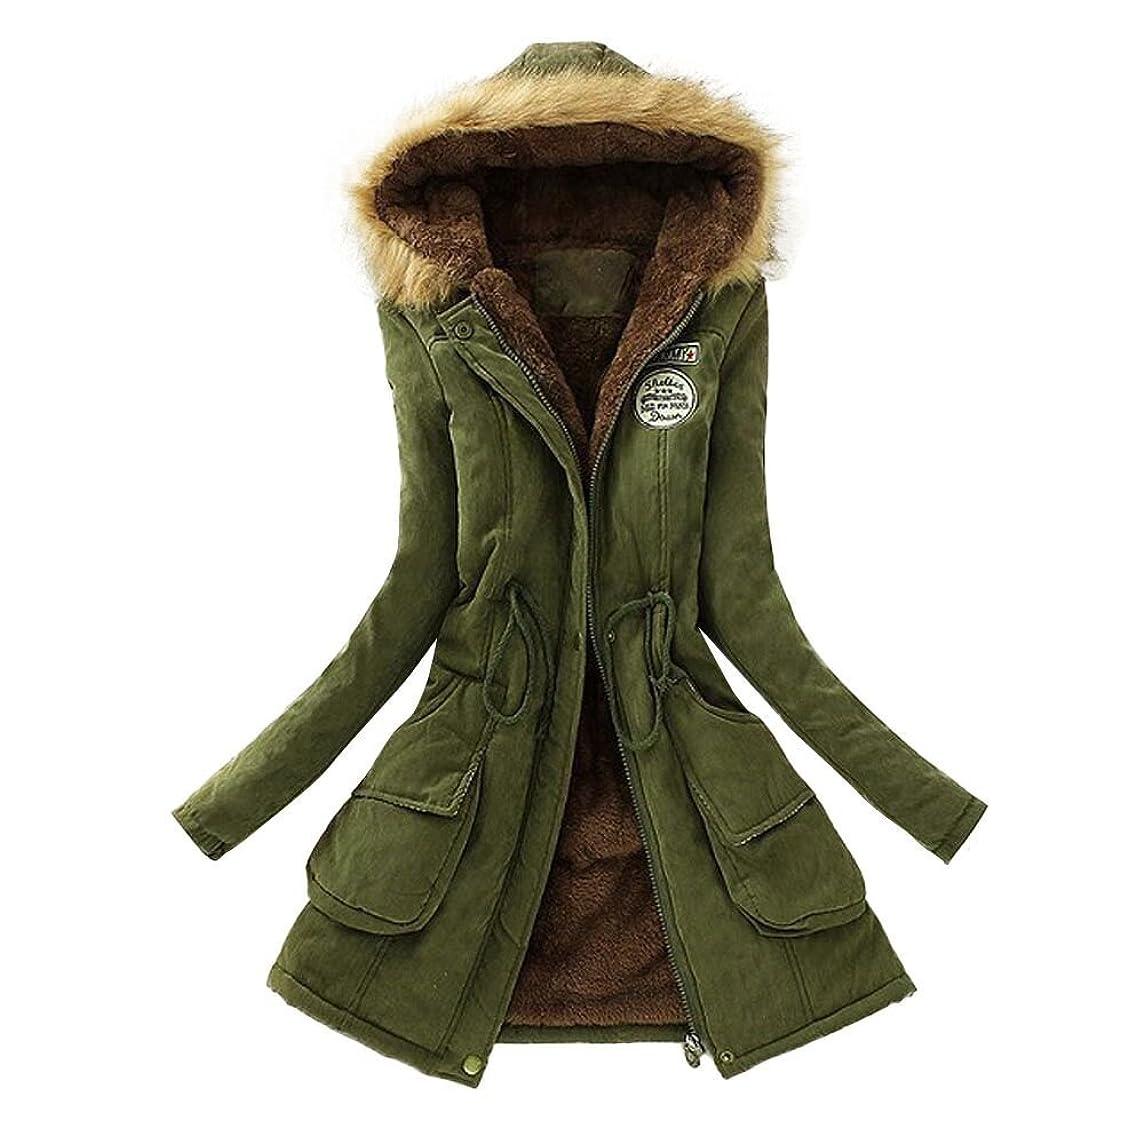 Warm Long Coat Fur Collar Hooded Jacket Winter Parka Outwear Women